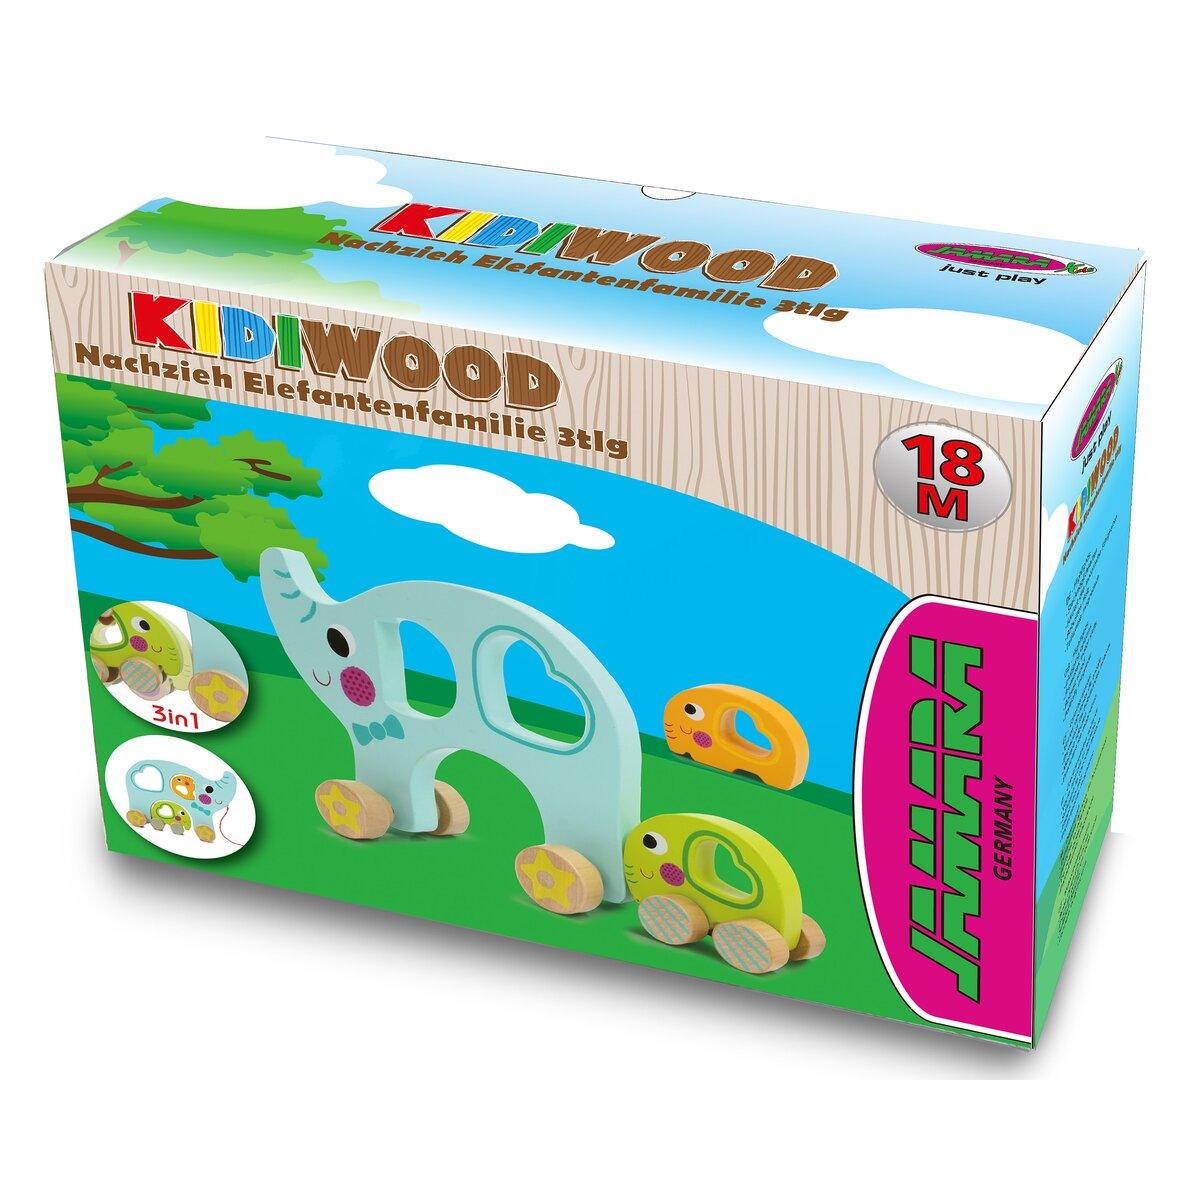 Jamara Dřevěná hračka - Kidiwood slon